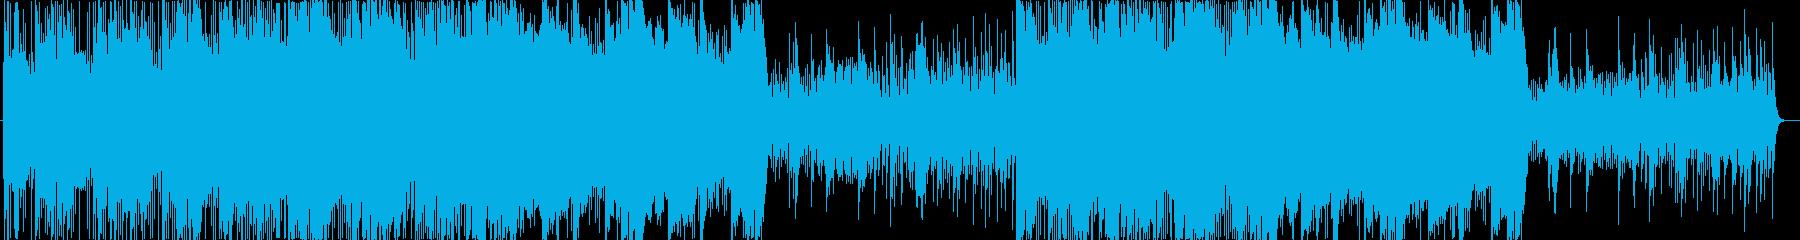 ピチカードとピアノがメインのポップスの再生済みの波形